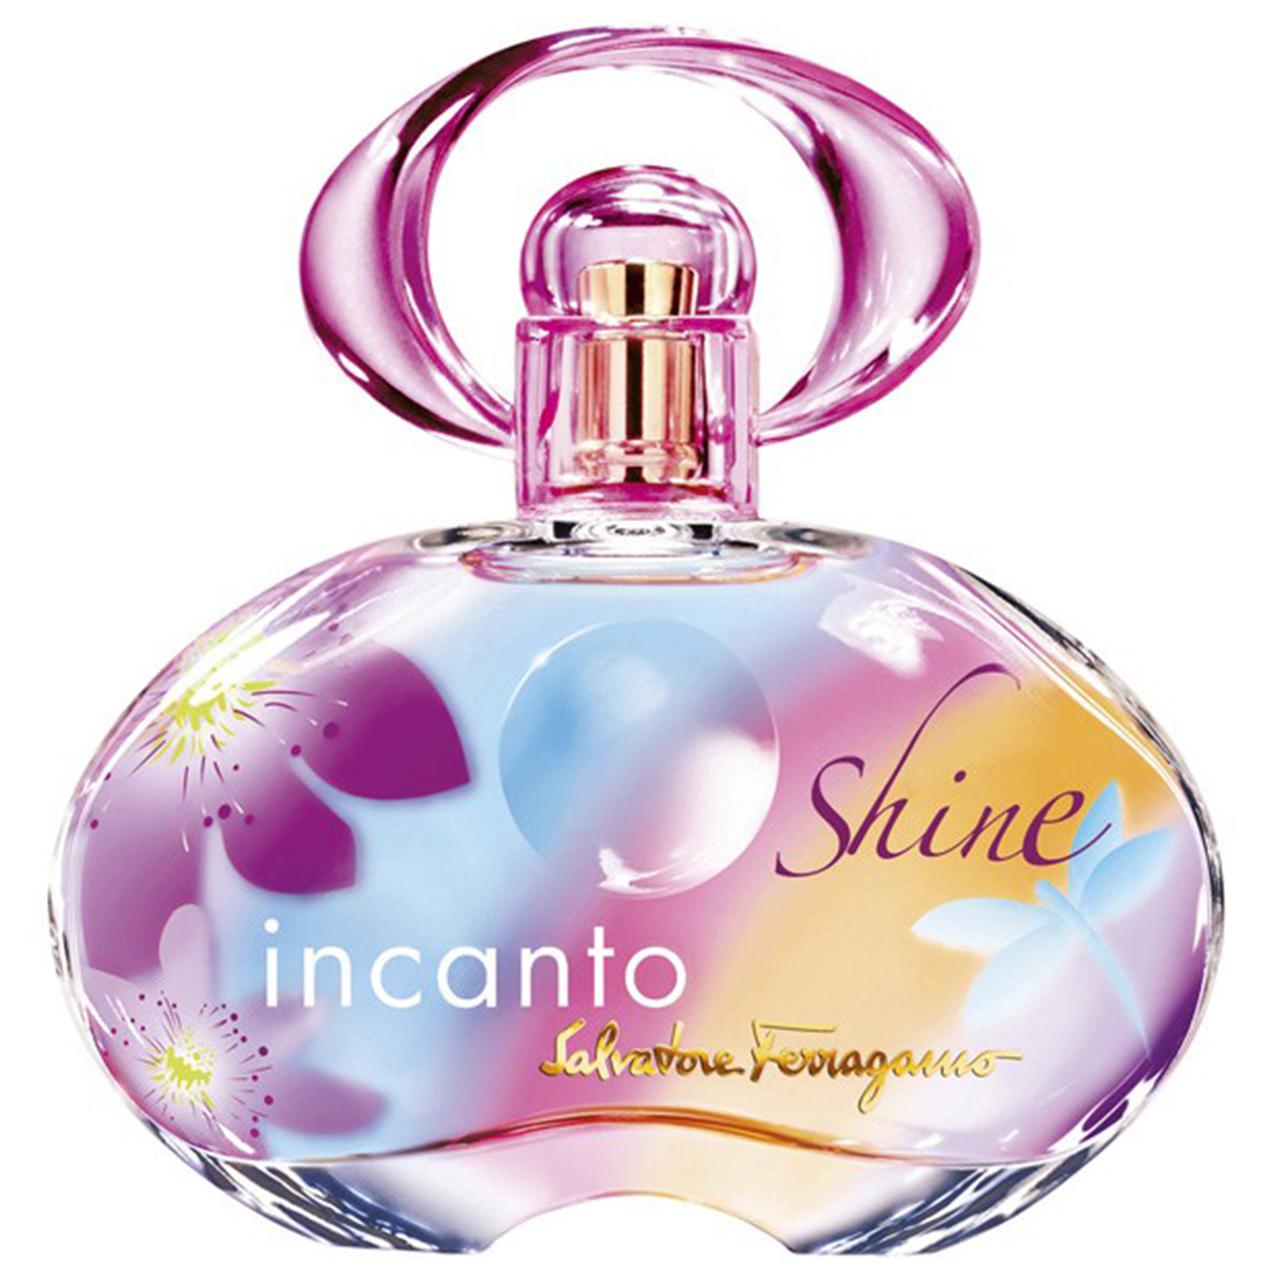 ادو تویلت زنانه سالواتوره فراگامو مدل Incanto Shine حجم 100 میلی لیتر